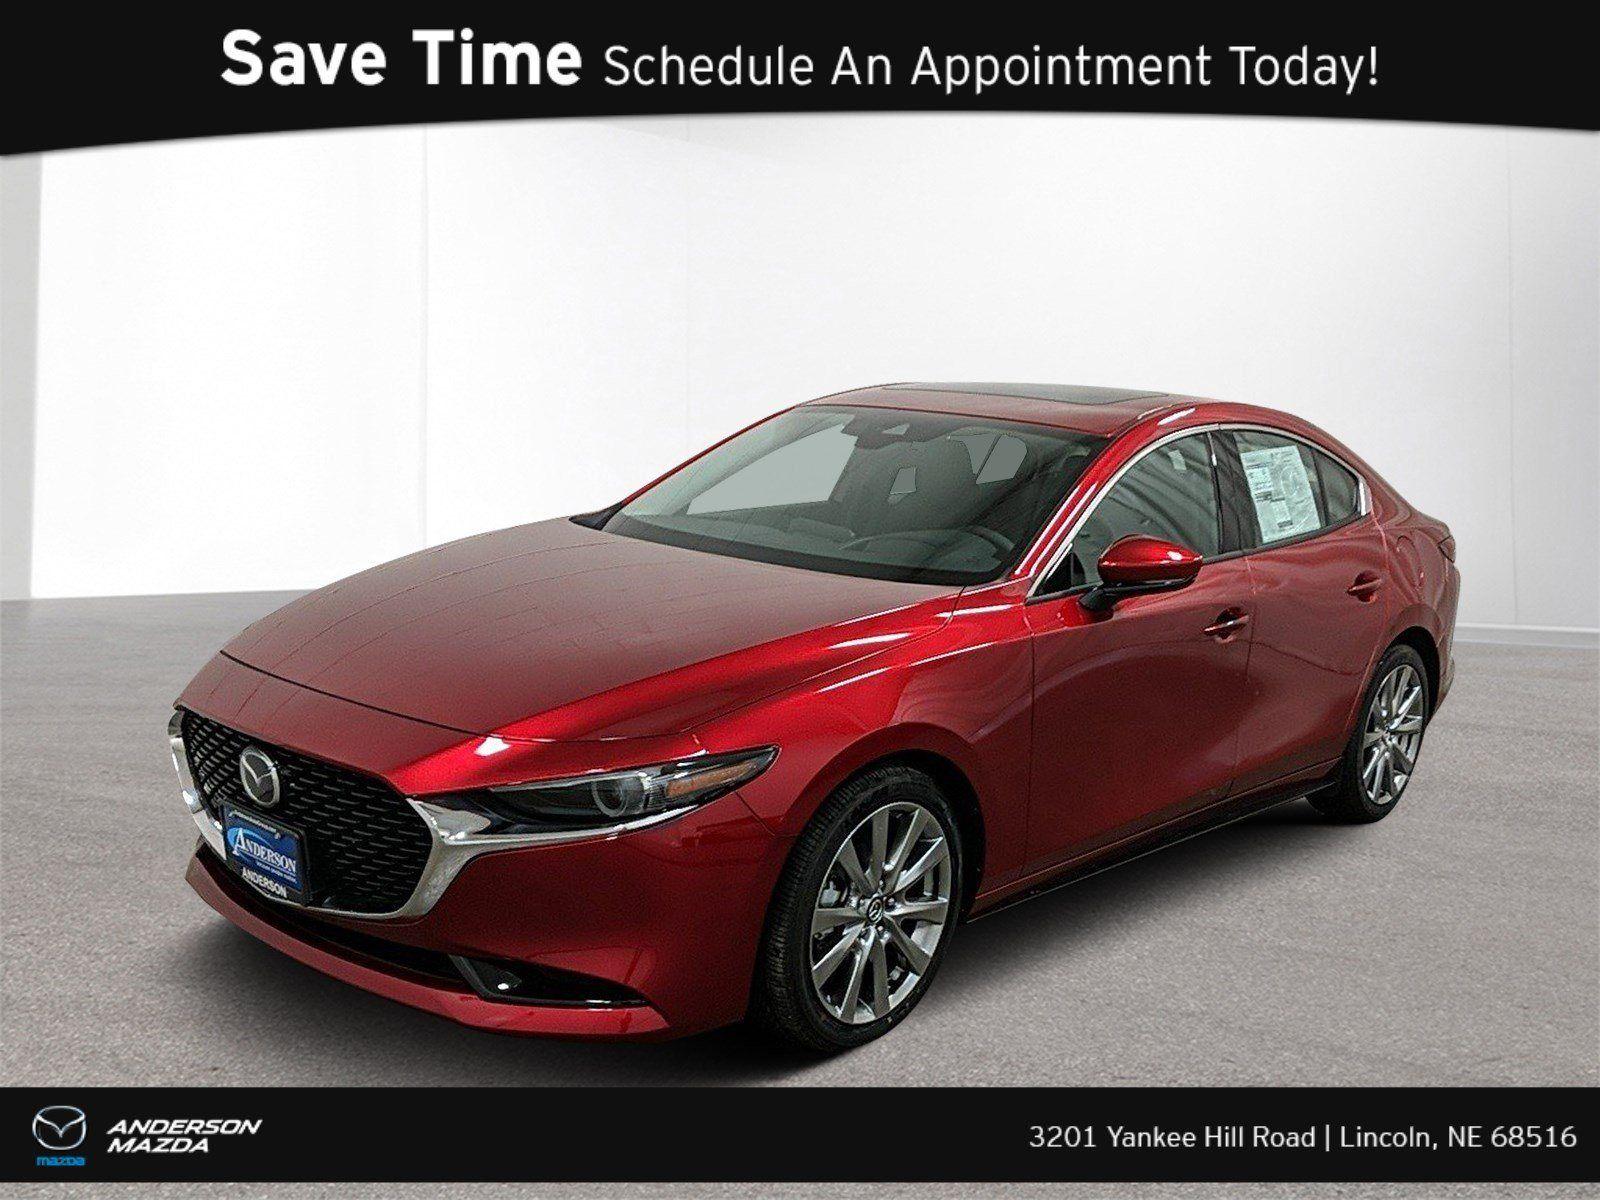 2020 Mazda 2 Pricing in 2020 Mazda 3 sedan, Mazda, Mazda 3